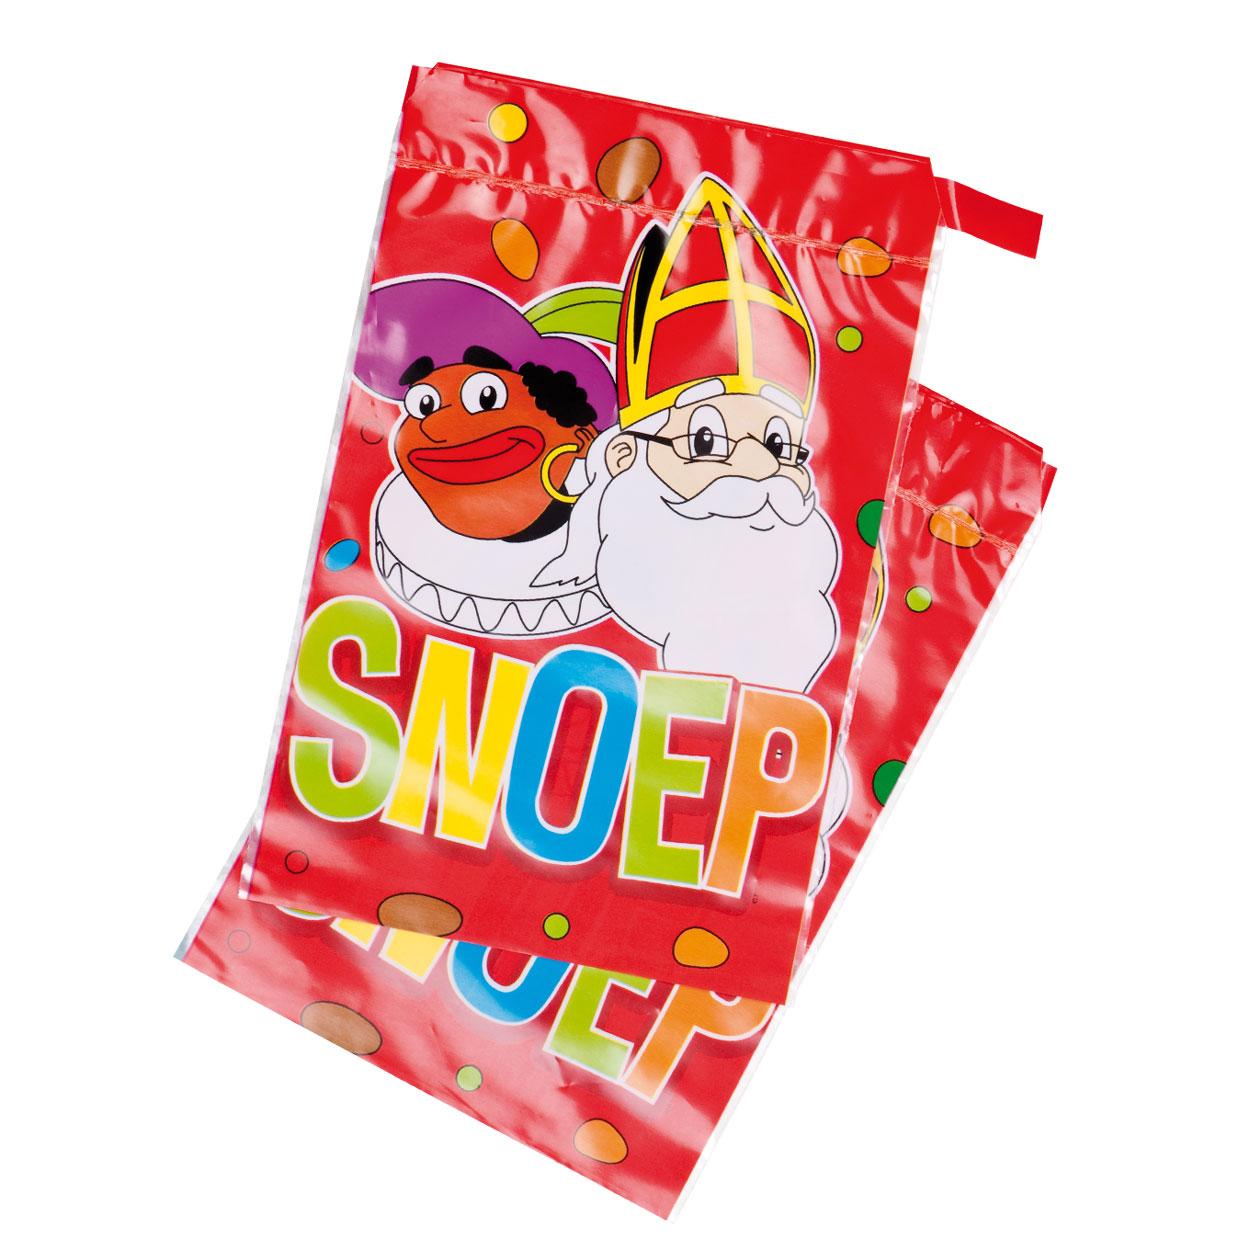 Snoepzakjes Sint En Piet, 6st.